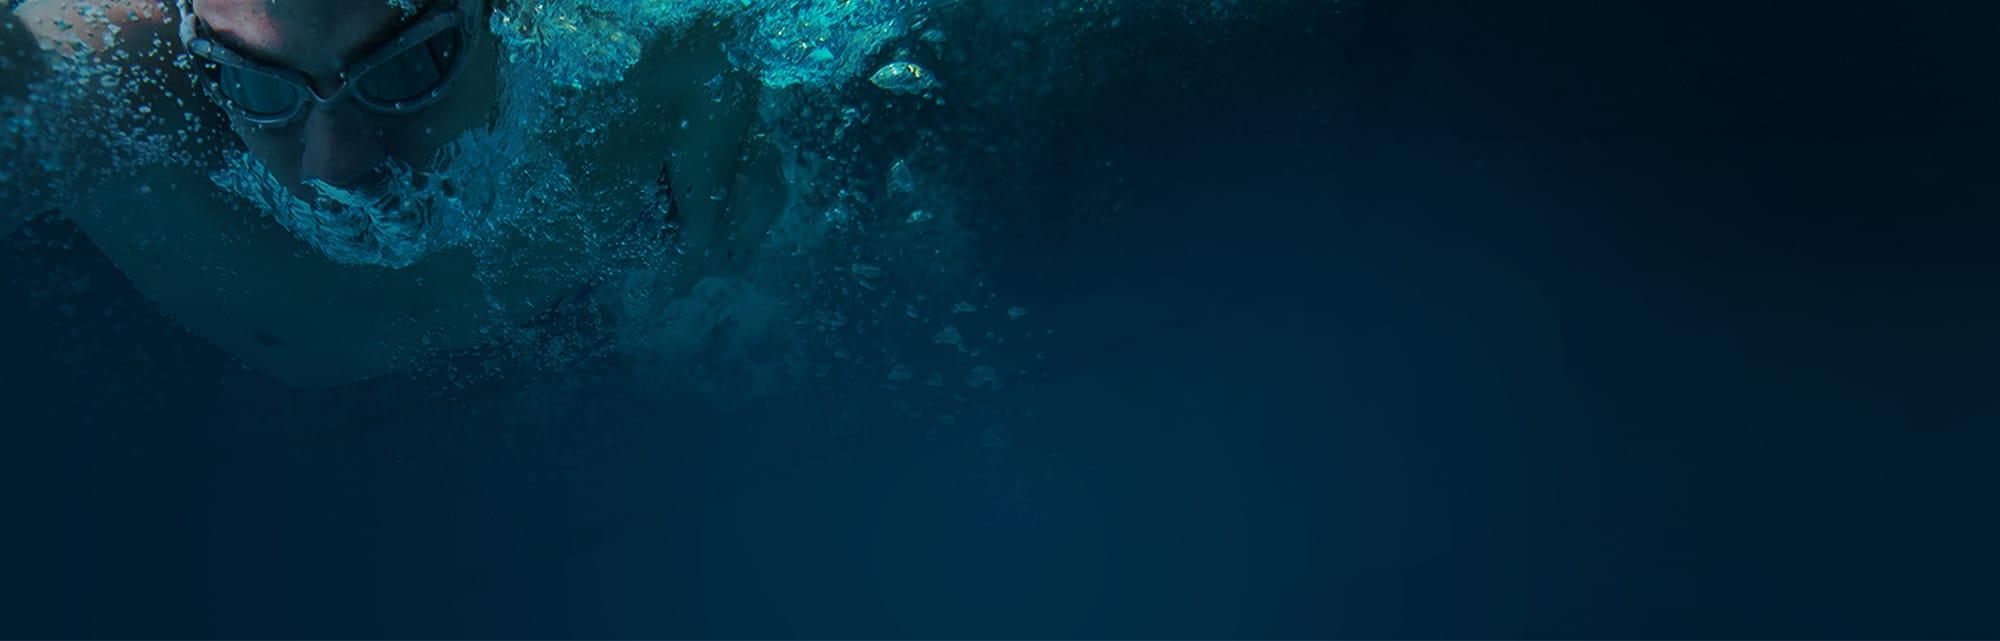 Fatigué de cette routine de conditionnement physique typique, du manque d'intimité, des horaires peu pratiques et des exercices ennuyeux? Il est temps pour vous de considérer tous les avantages qu'un spa de nage JetSwim ou TruSwim peut offrir.